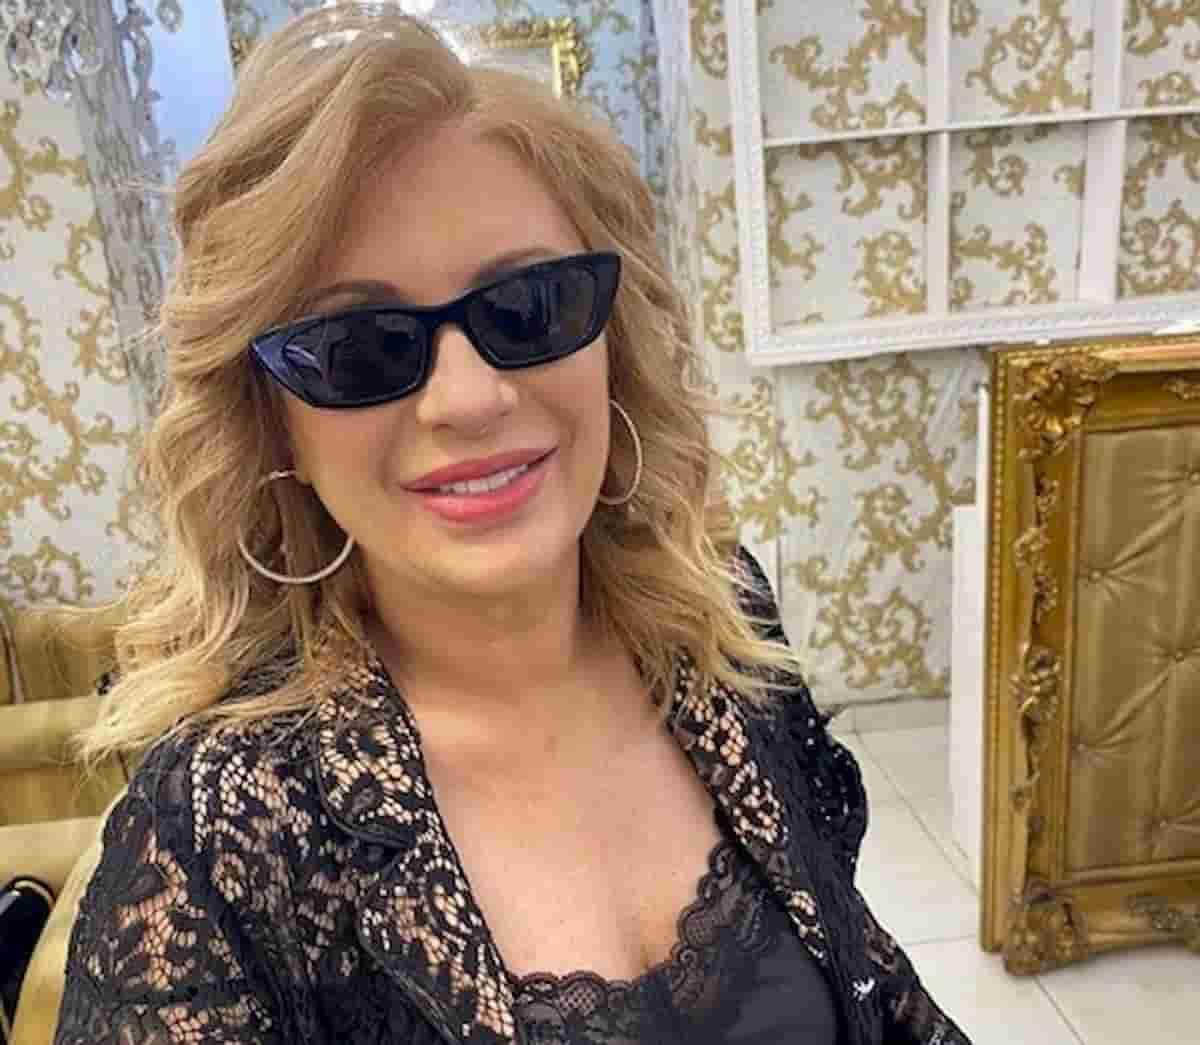 Tina Cipollari, dieta le fa perdere 20 kg: l'ultima foto fa il pieno di like